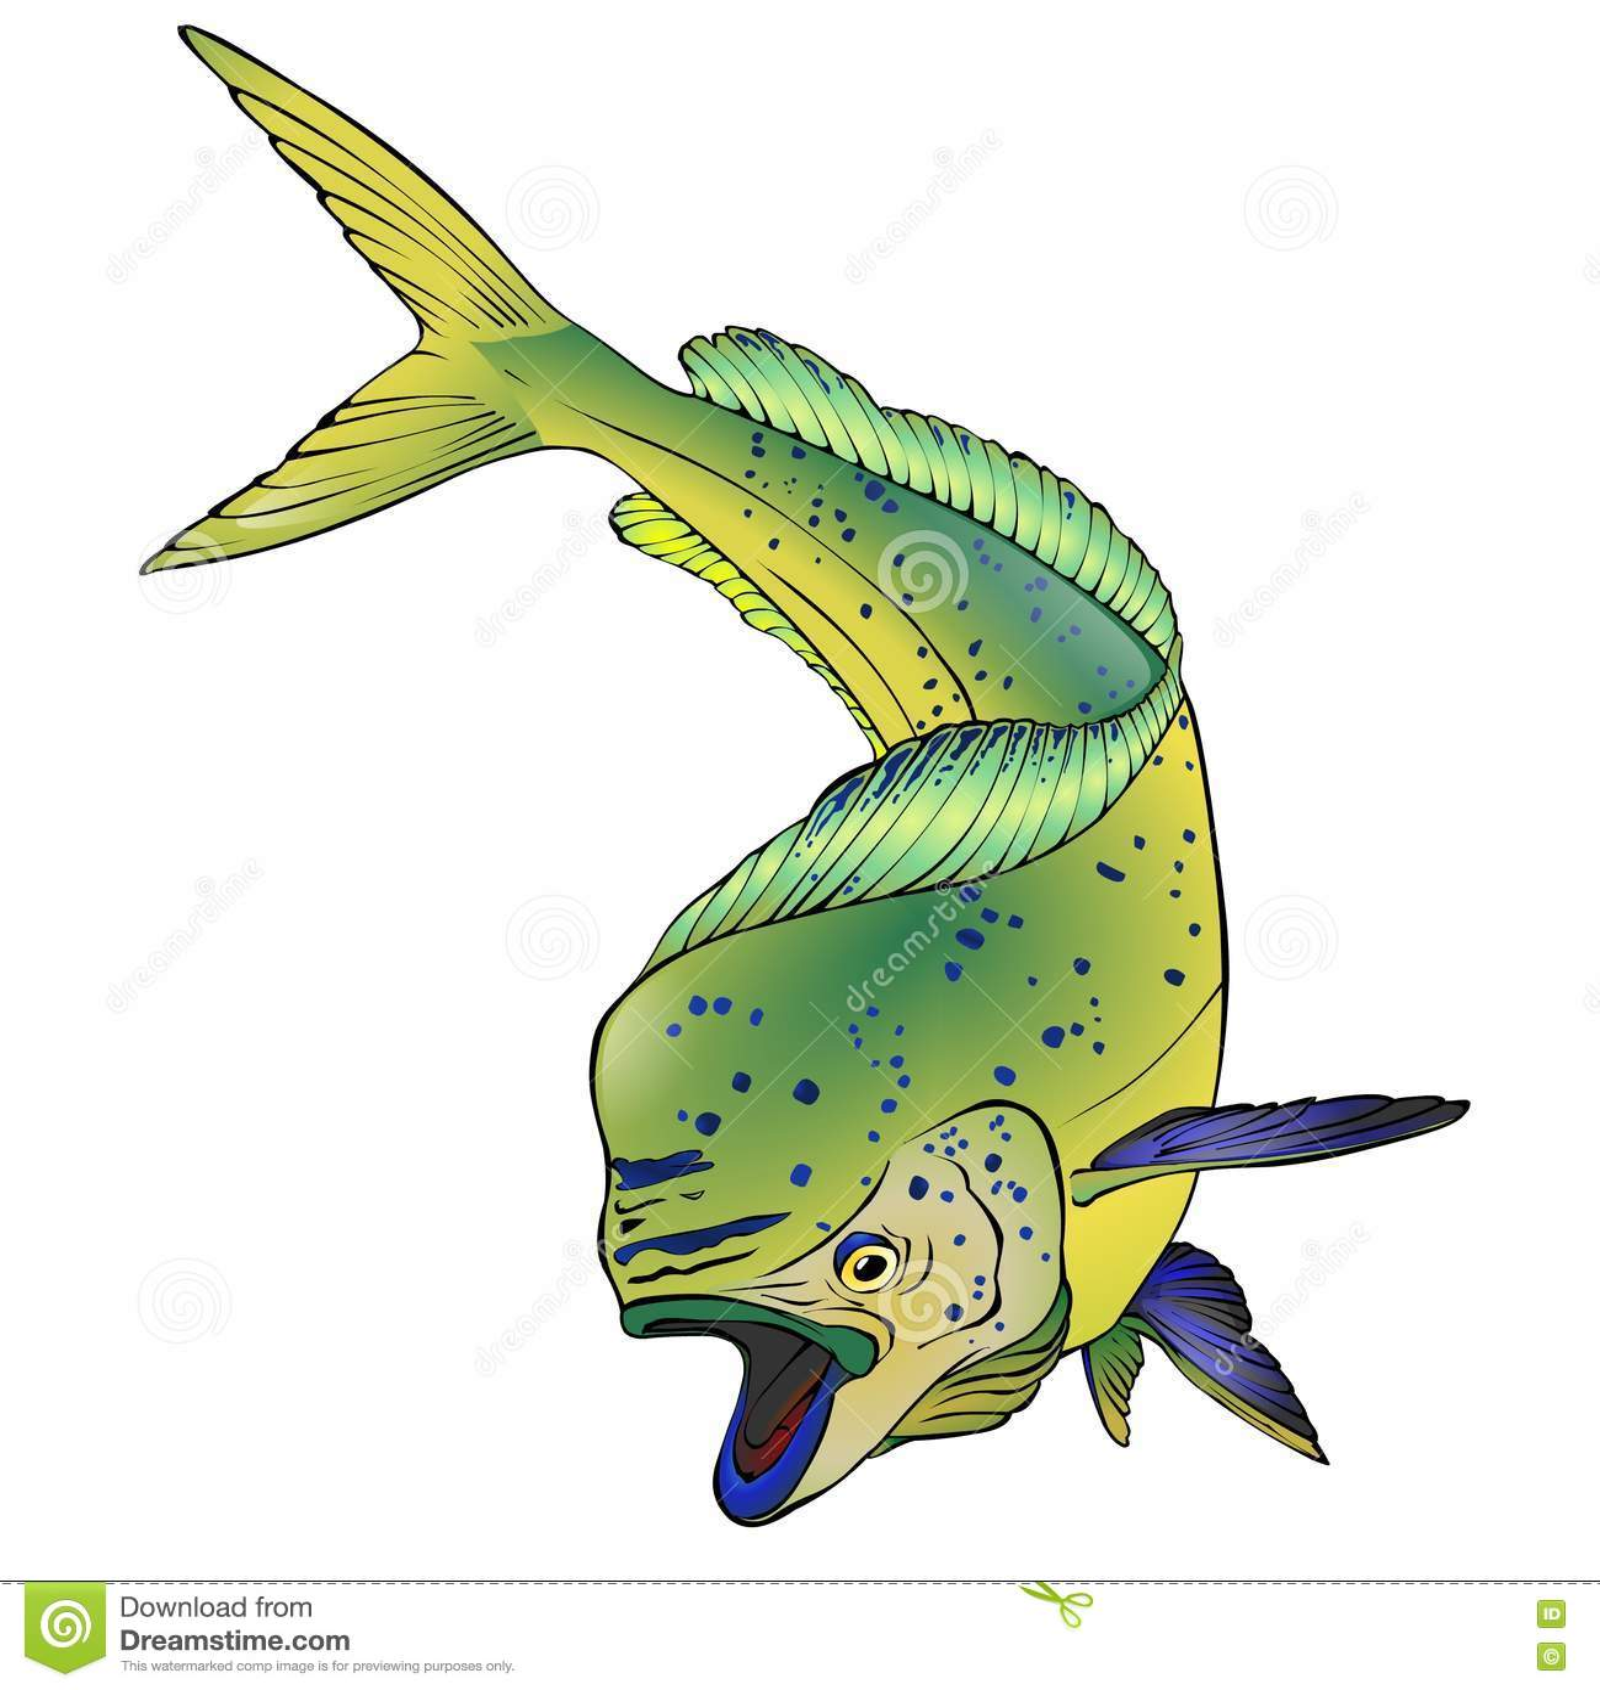 Dorado Fish Vector Illlustration Stock Vector - Illustration of ...